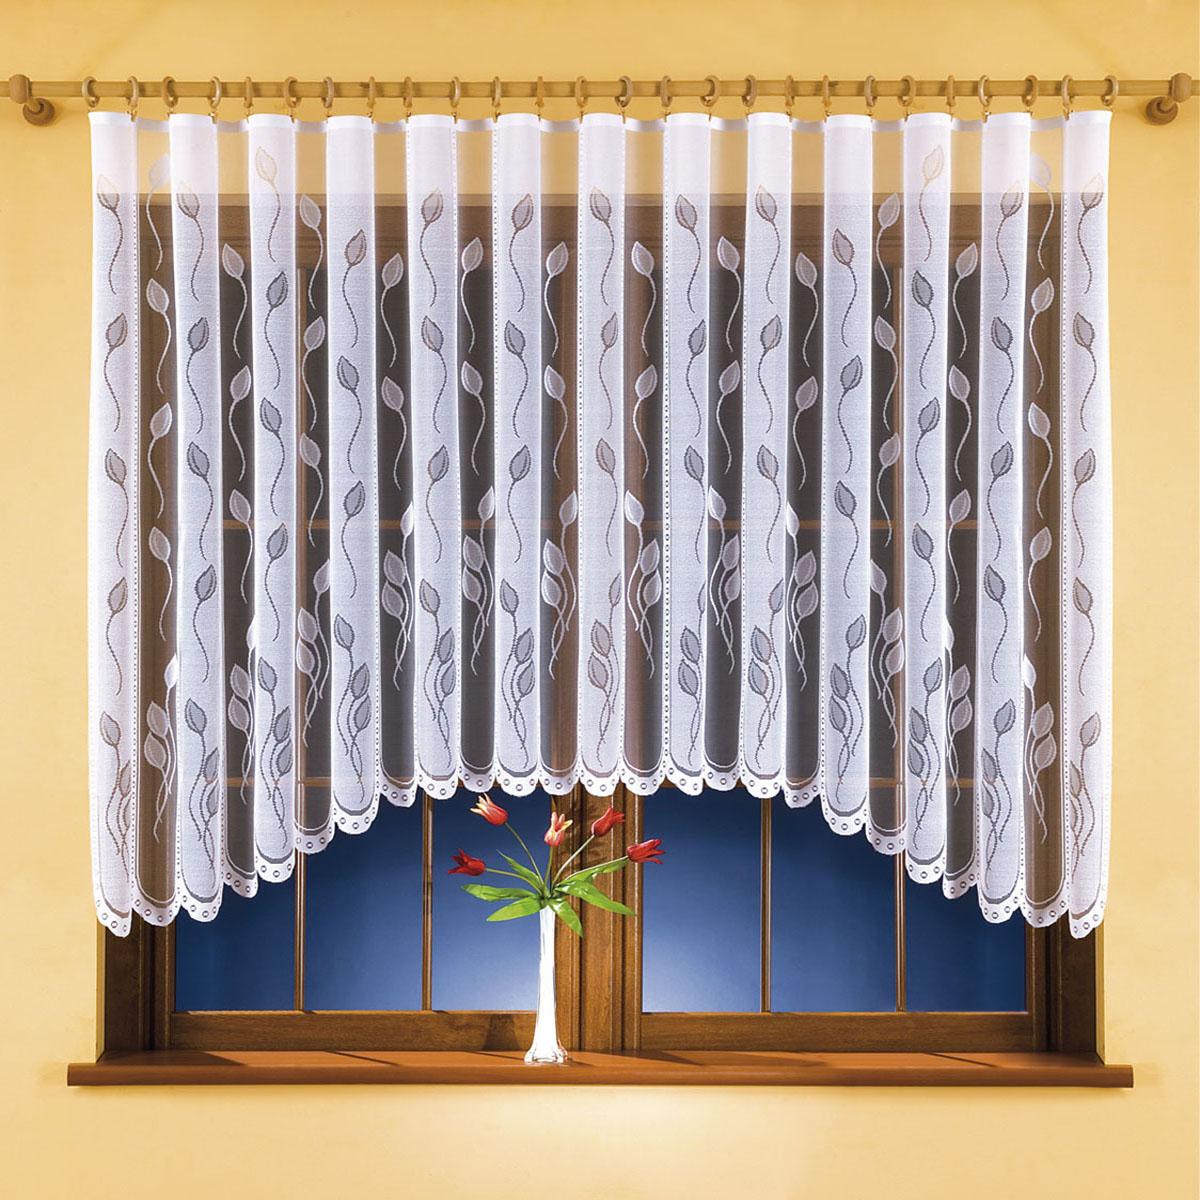 Гардина Wisan, цвет: белый, ширина 300 см, высота 150 см. 99259925вид крепления - под зажимы для штор Размеры: ширина 300*высота 150